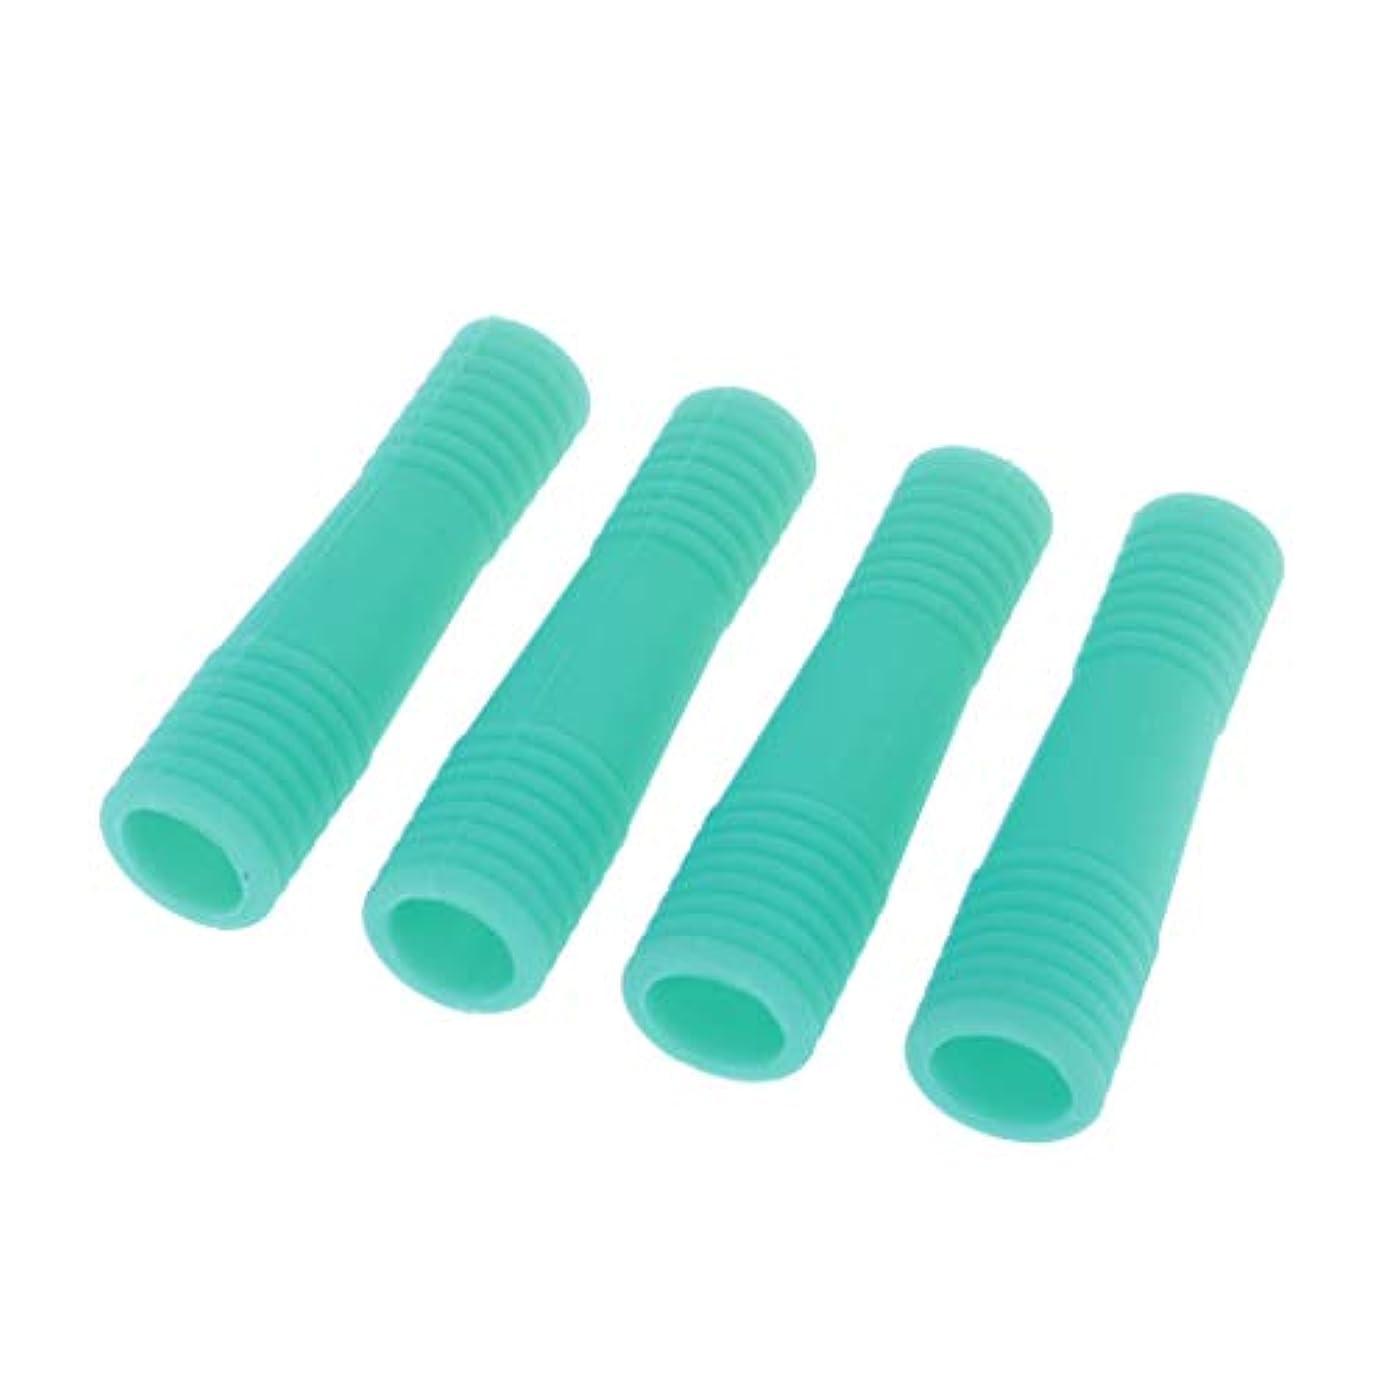 配管工必要フローティングマニキュアペディキュアツール保護 キューティクルニッパー ネイルキューティクルハサミケース 全5色 - 緑